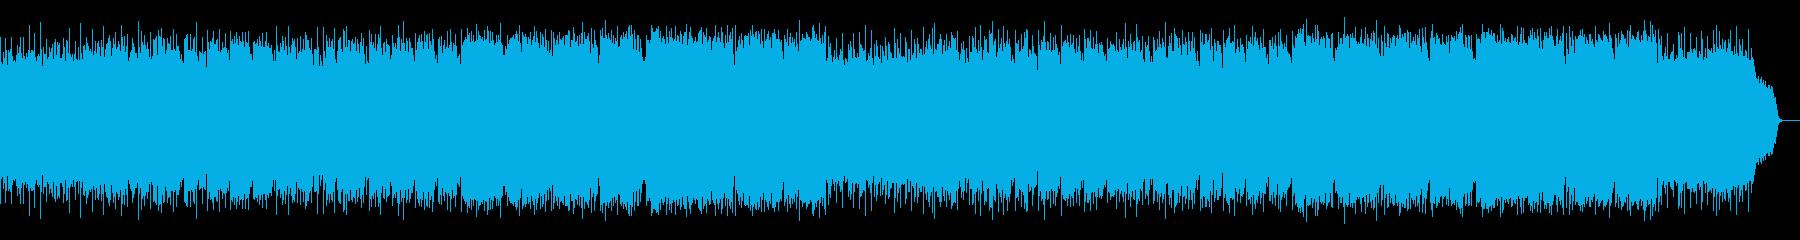 SAXが奏でる明るくおおらかなポップスの再生済みの波形